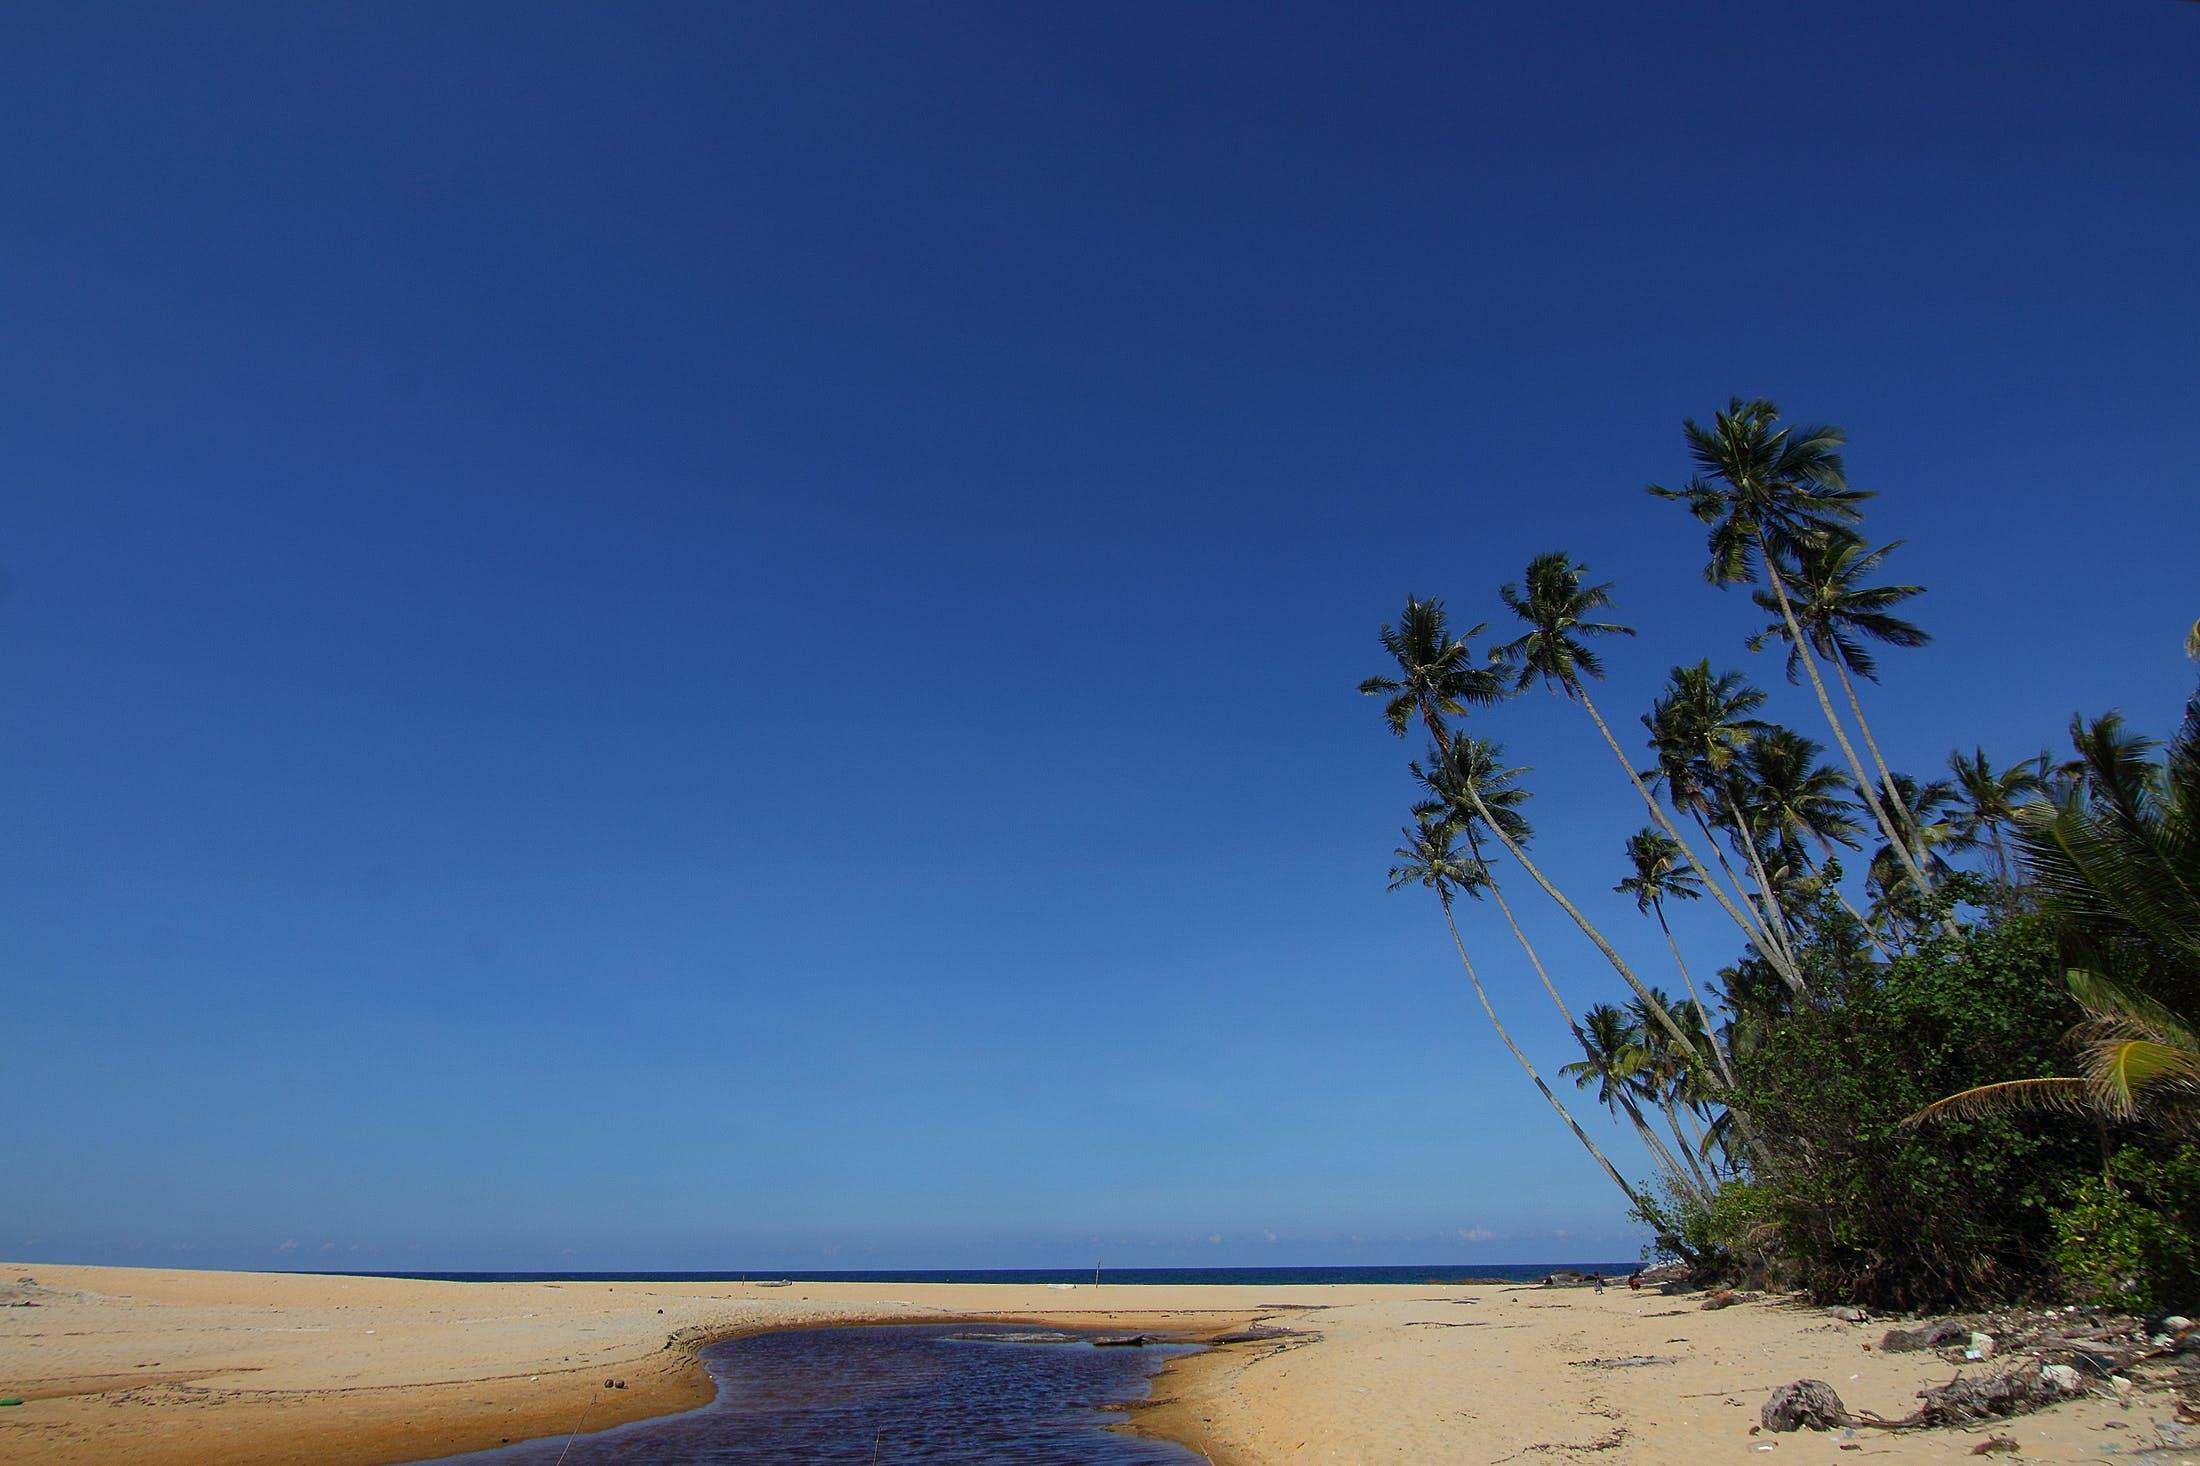 beach, blue, island